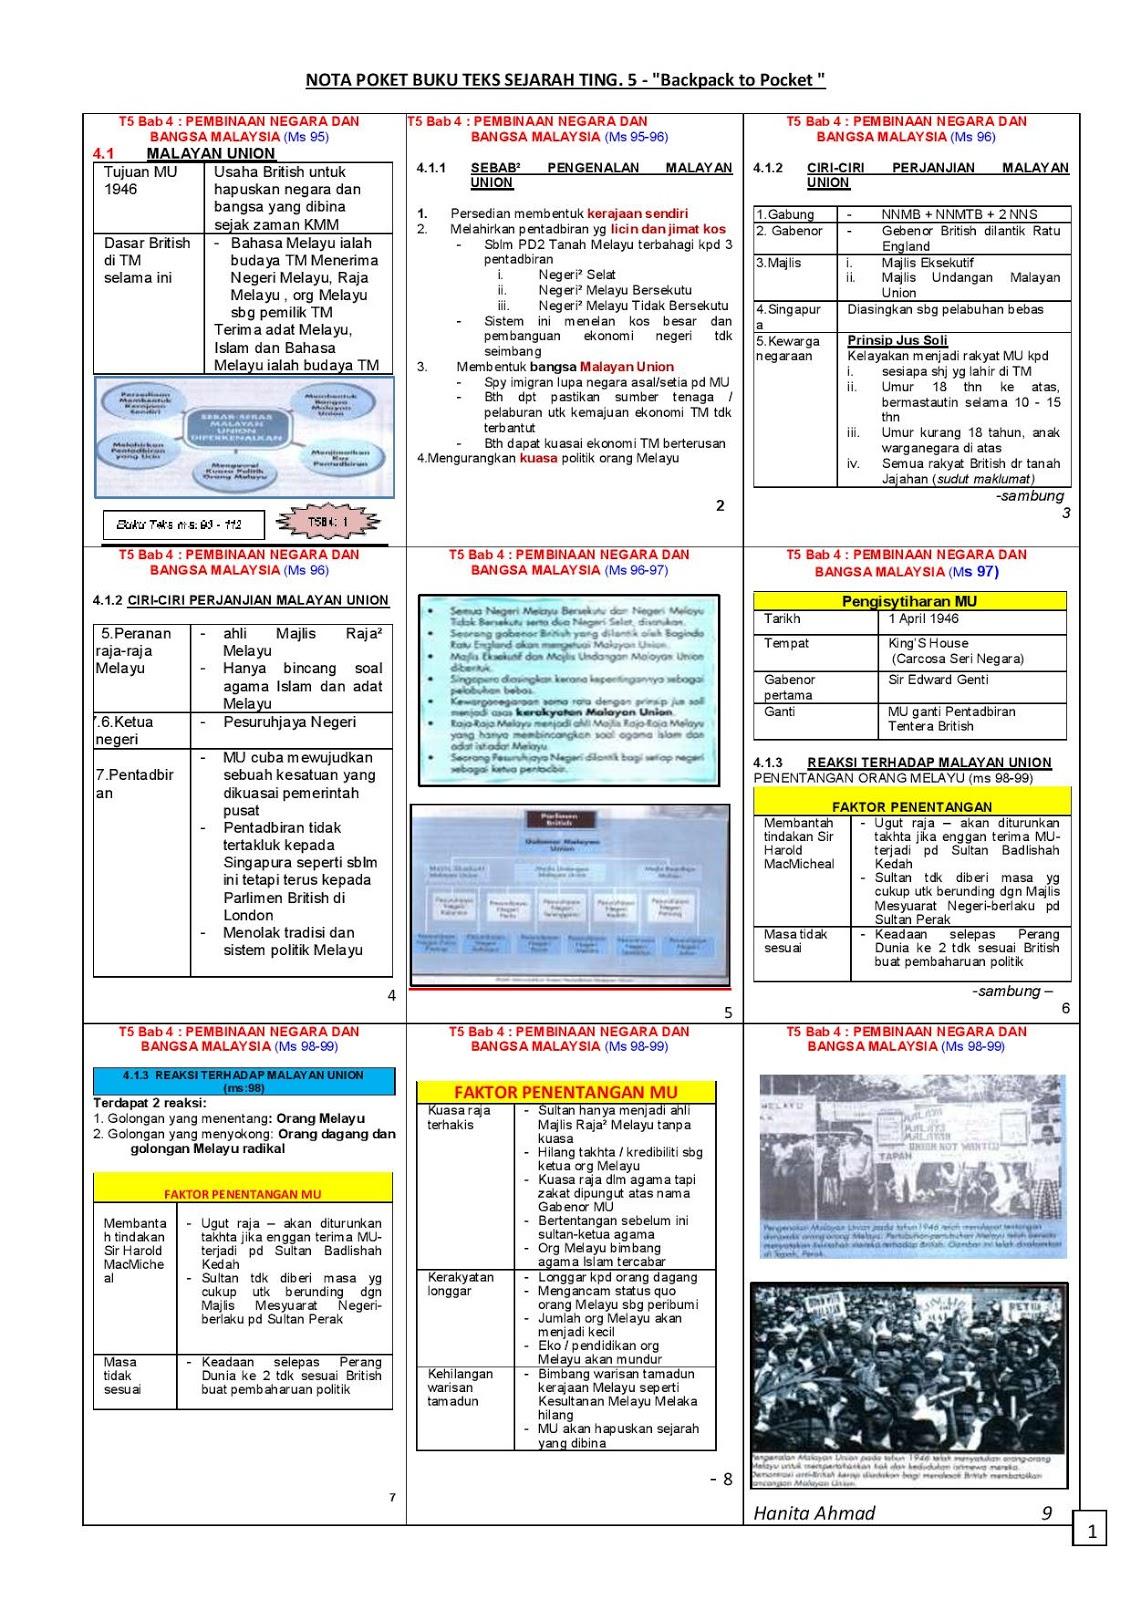 Sejarah Spm Nota Padat Sejarah Tingkatan 5 Bab 4 Pembinaan Negara Dan Bangsa Malaysia